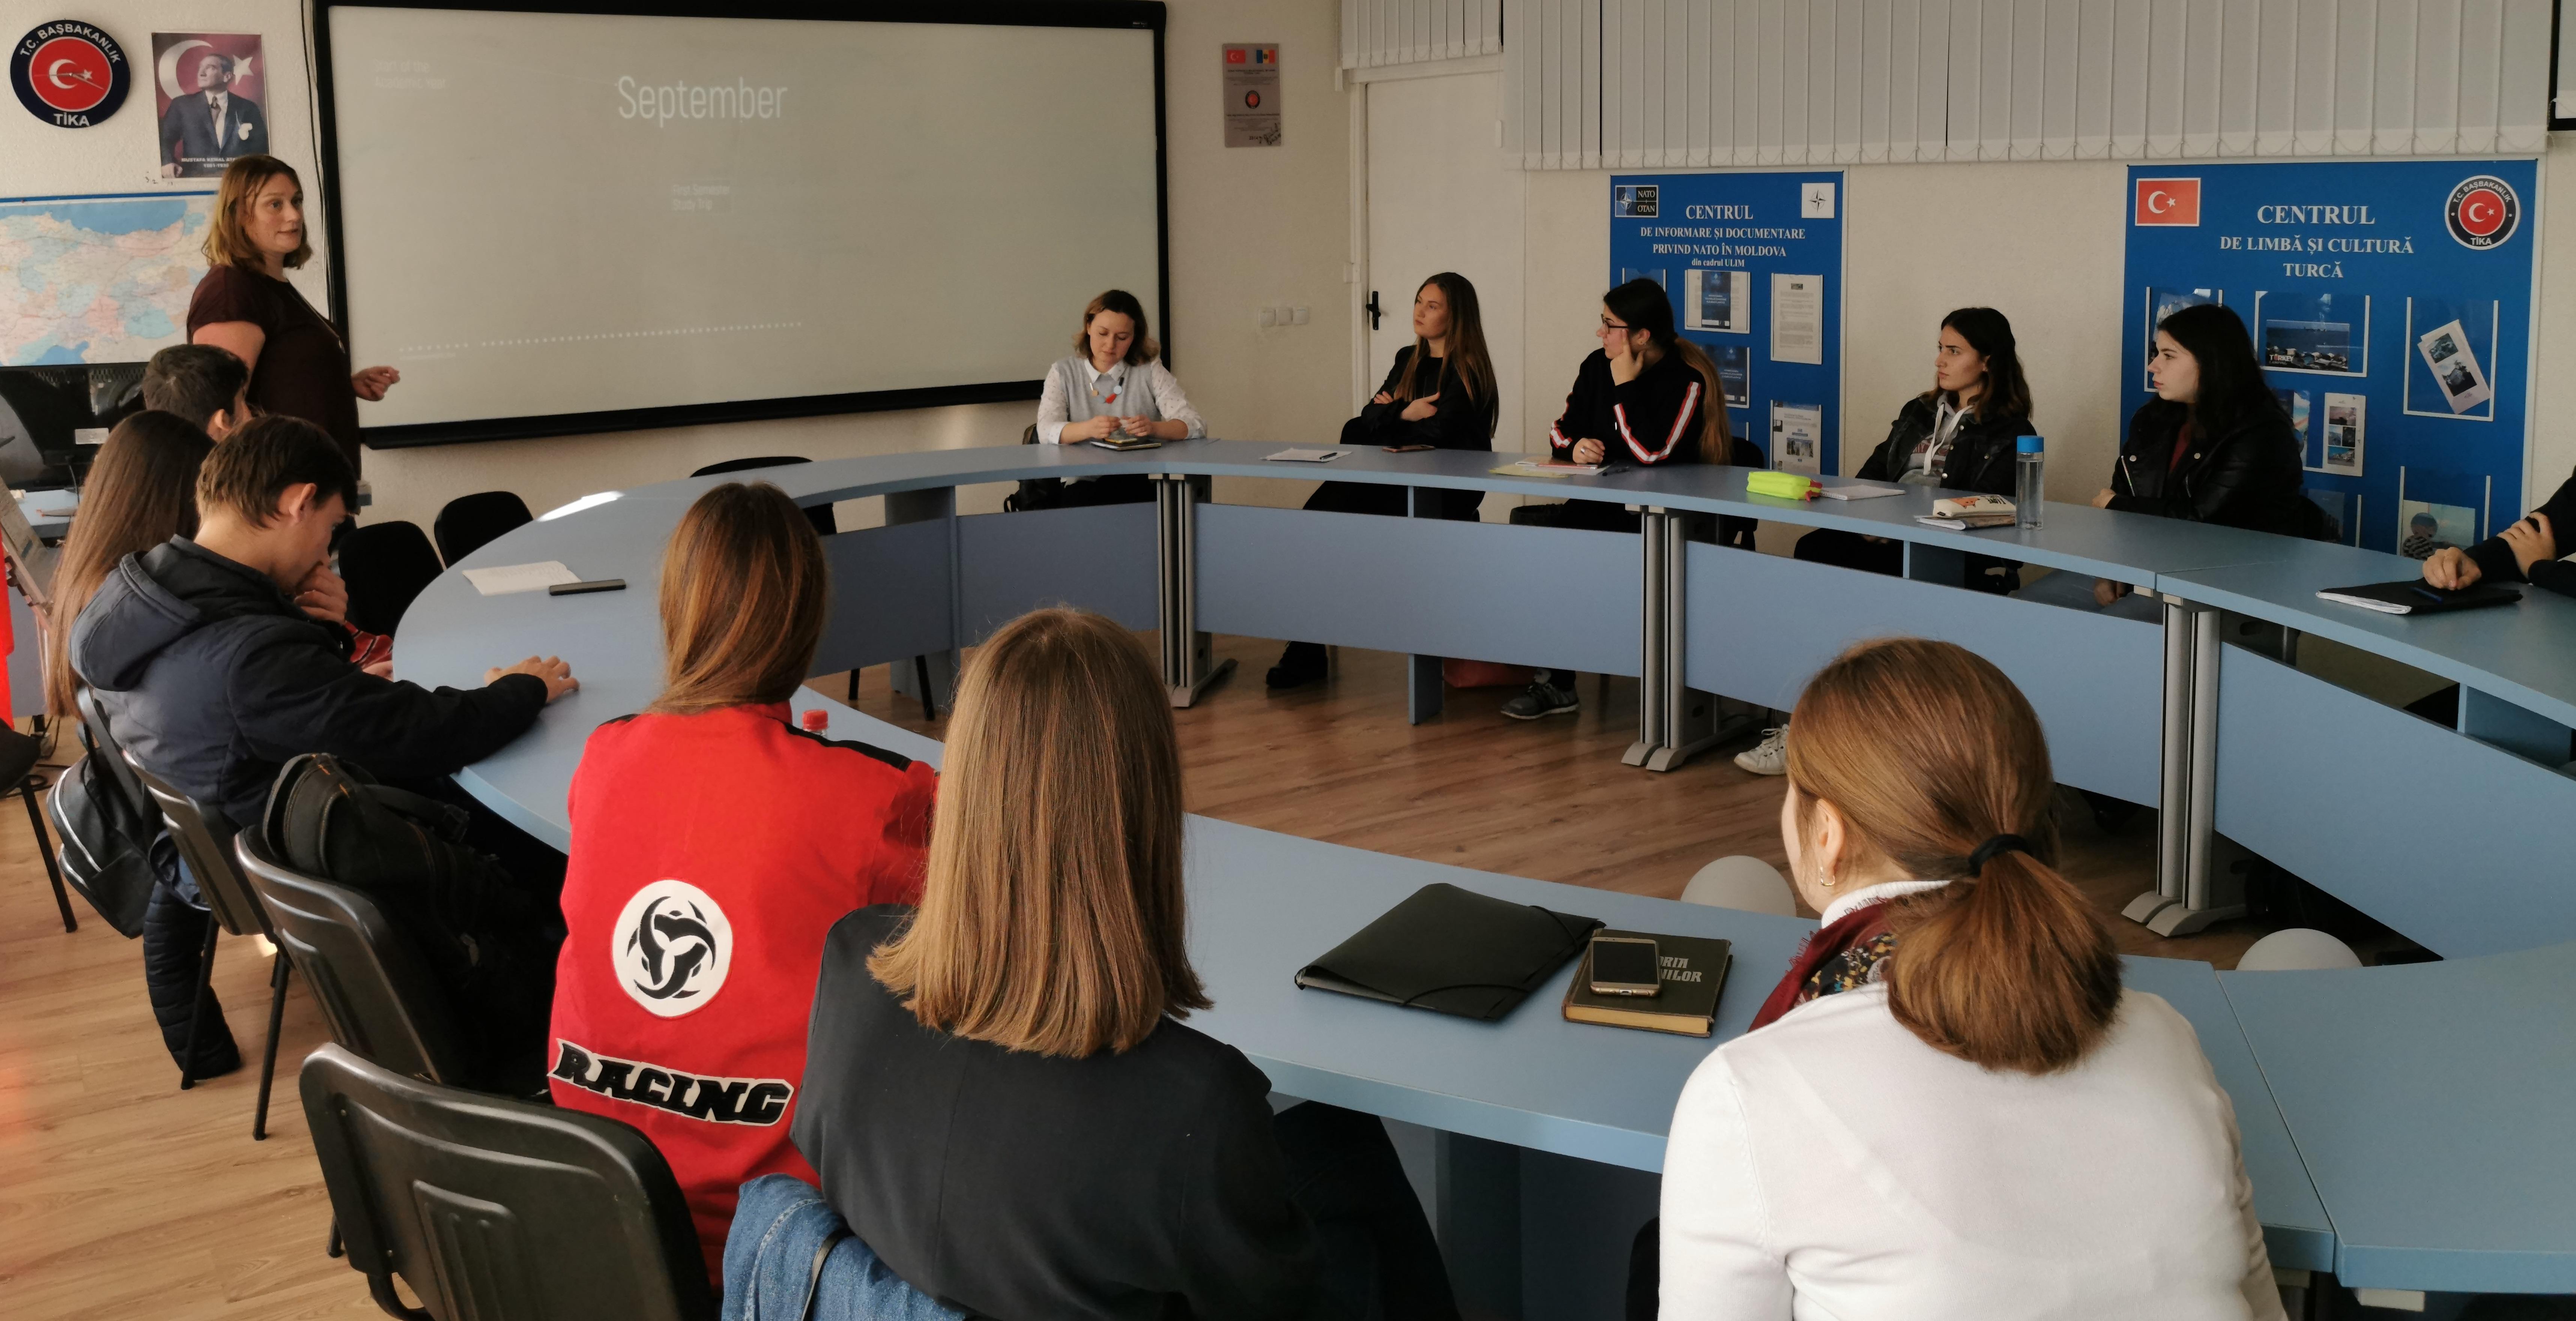 Sesiunea de informare a burselor de studii  oferite de Colegiul Europei